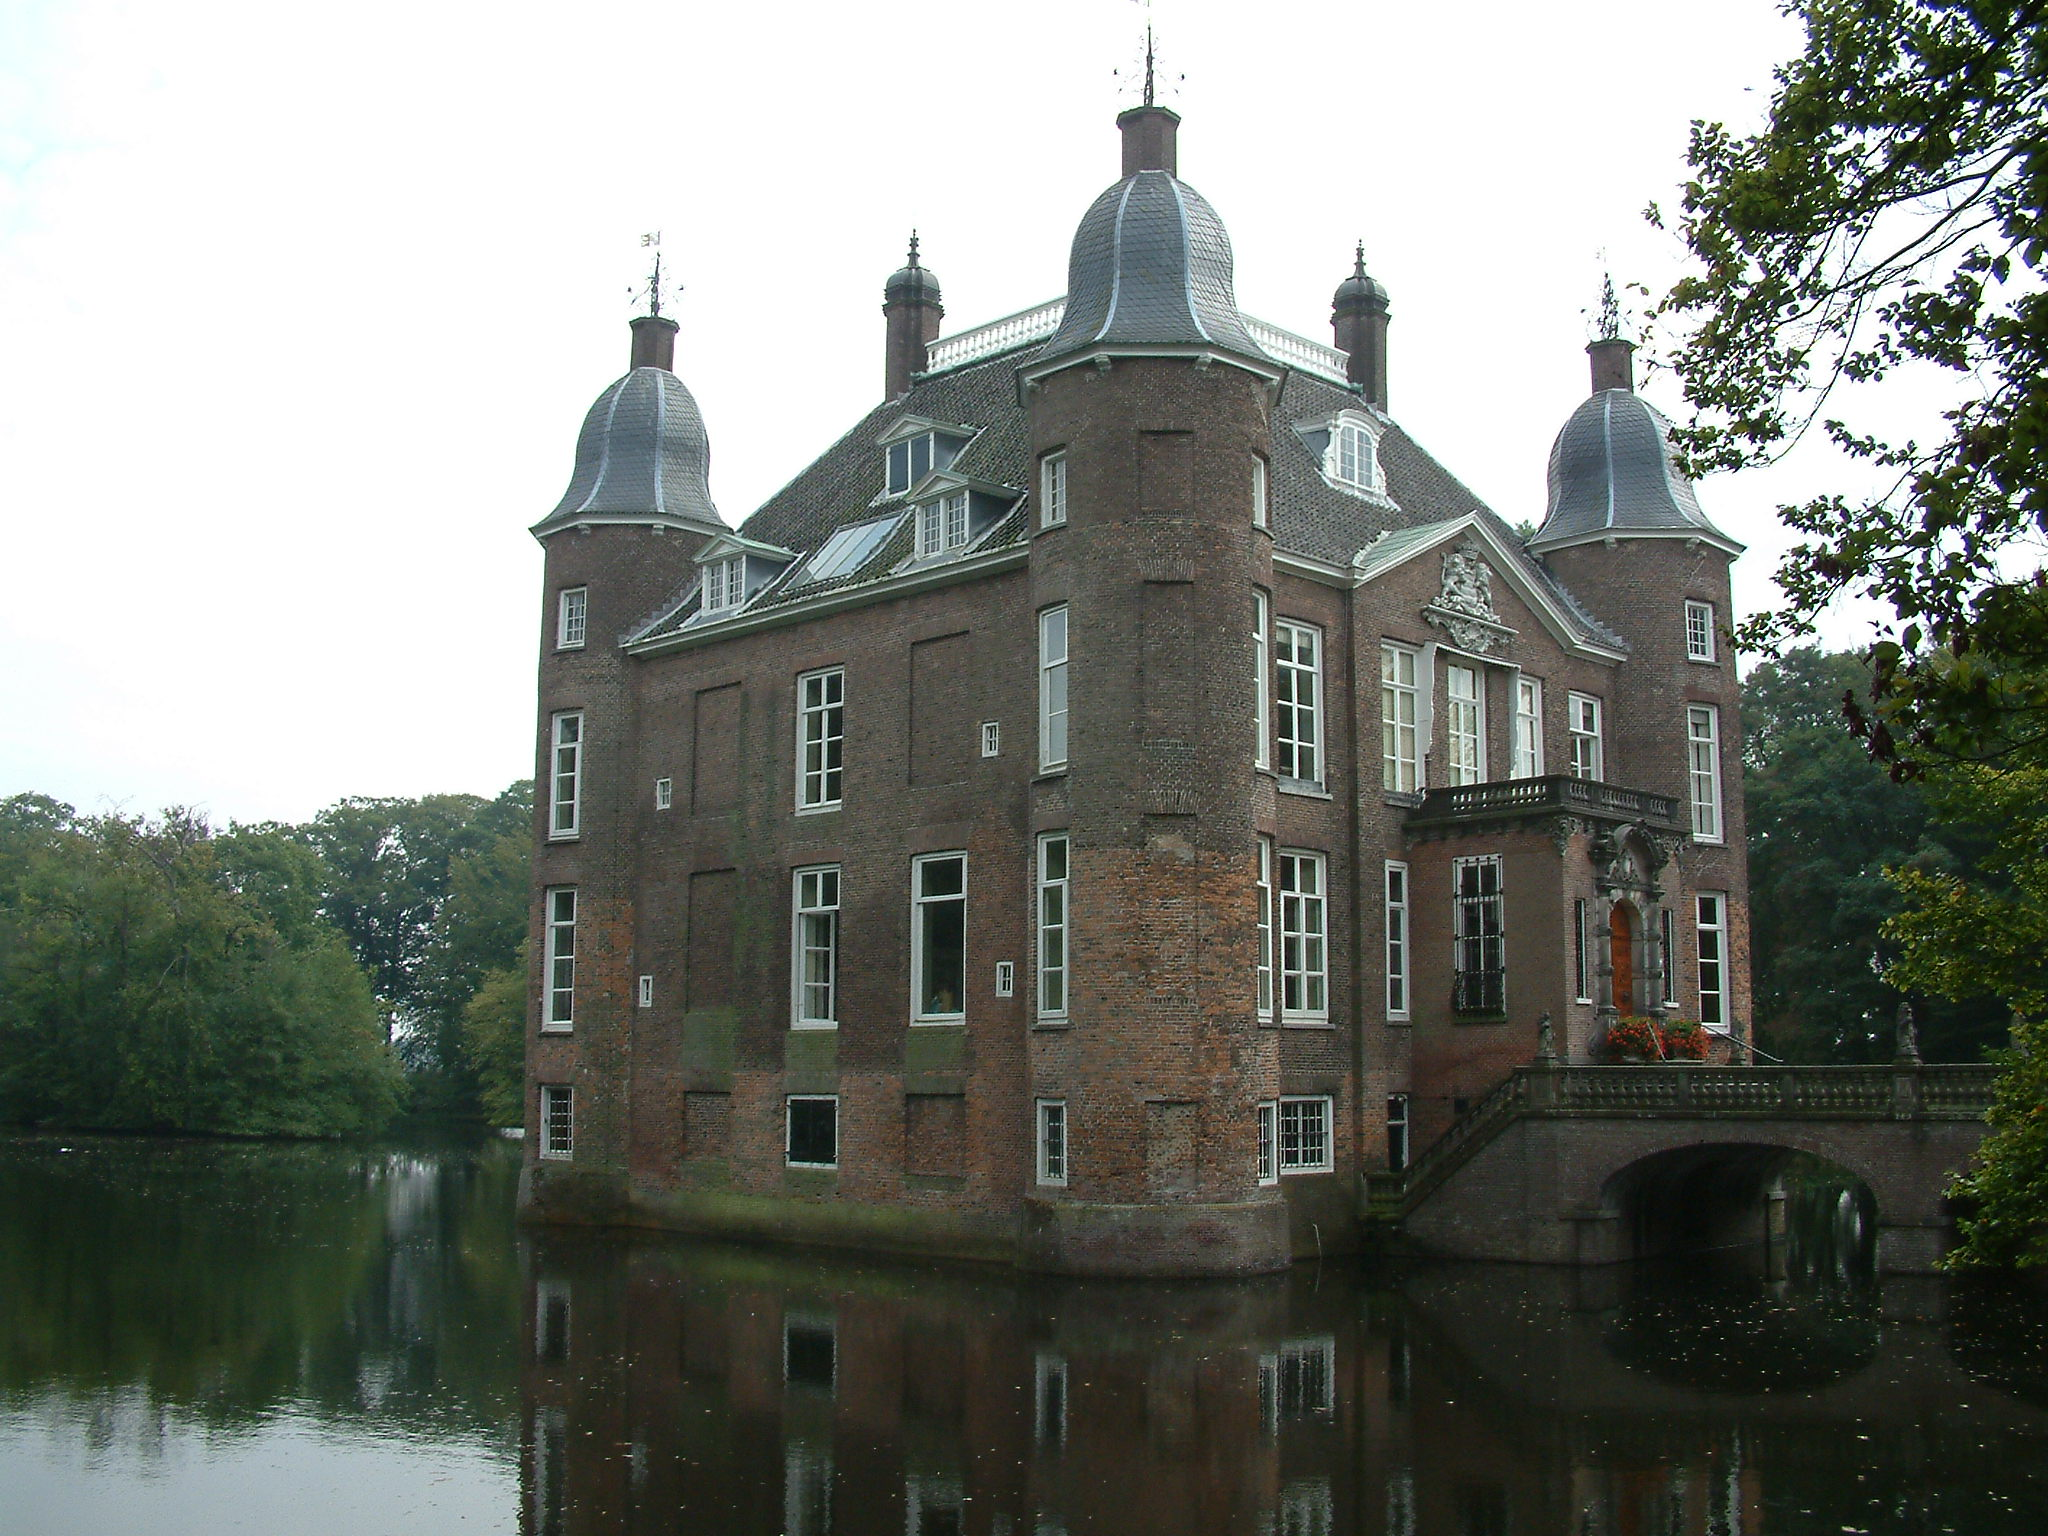 Kasteel biljoen is een van de oudste kastelen van nederland in zijn